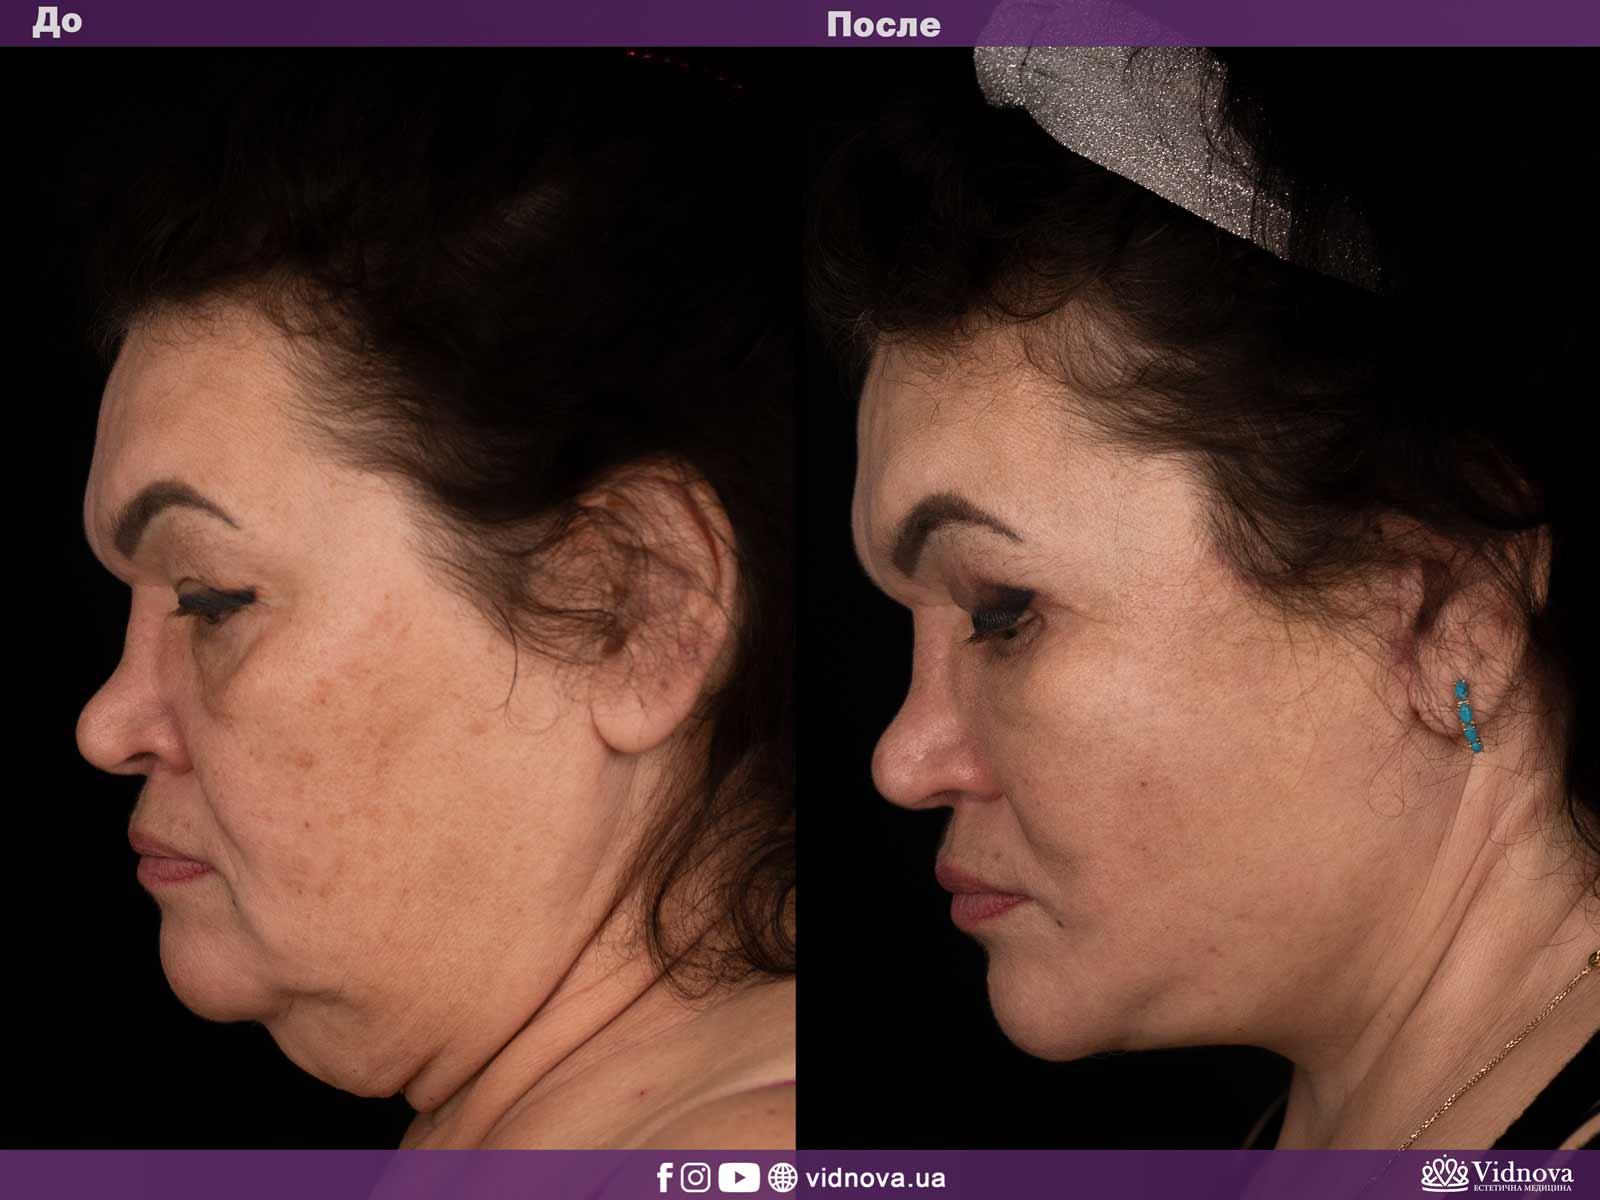 Подтяжка лица и шеи: Фото ДО и ПОСЛЕ - Пример №1-4 - Клиника Vidnova